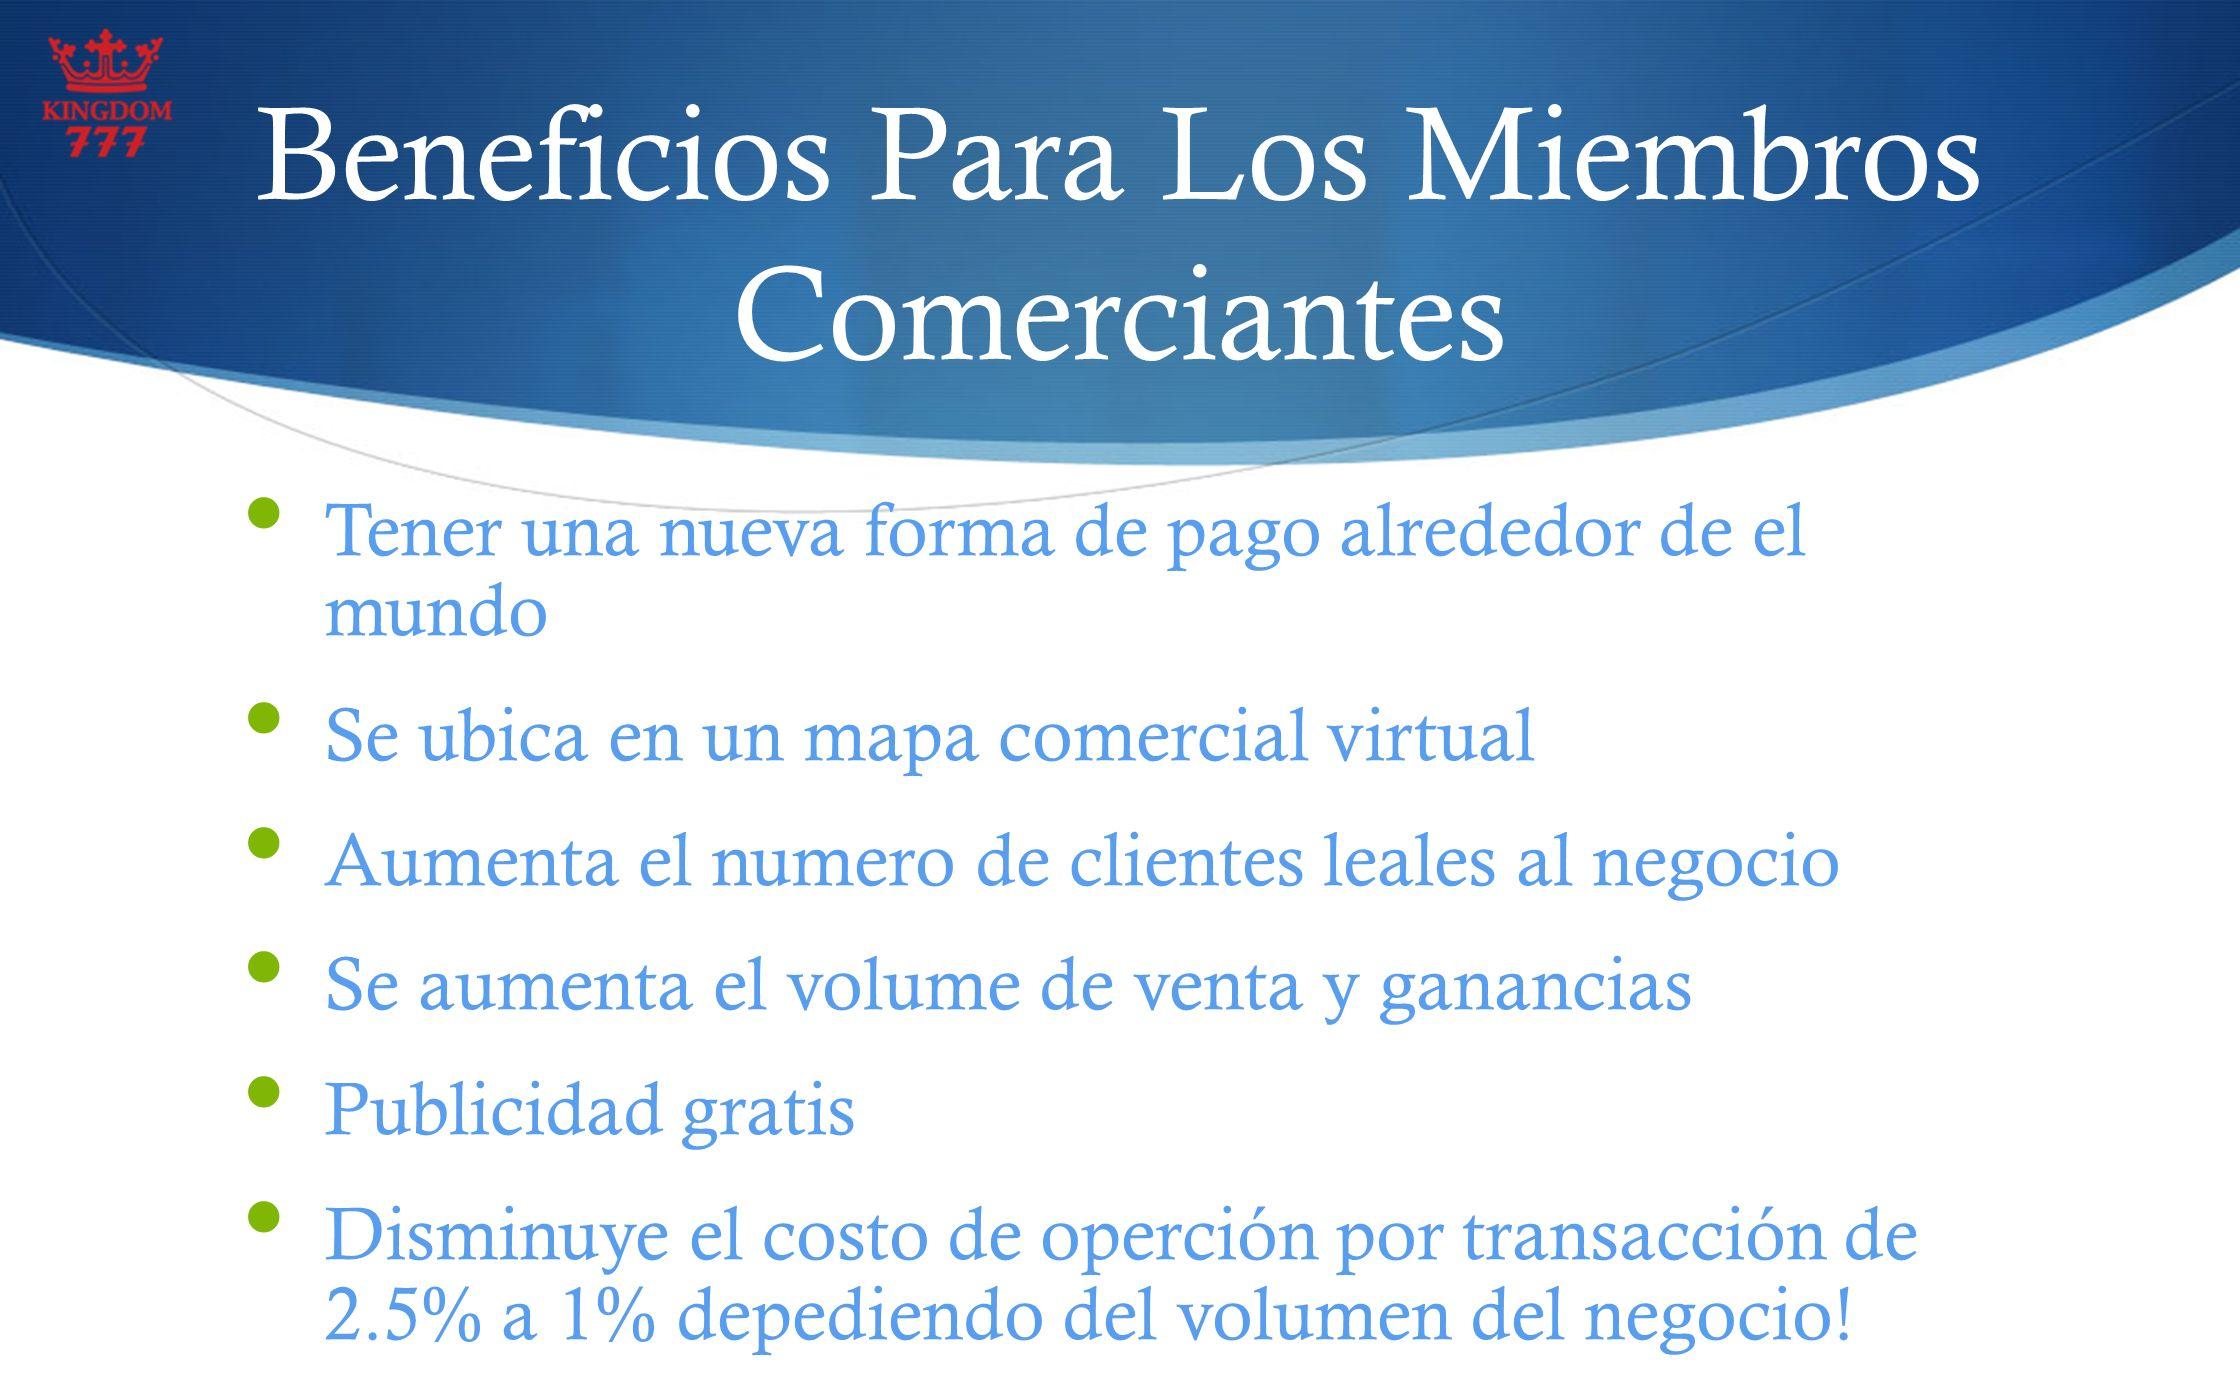 Beneficios Para Los Miembros Comerciantes